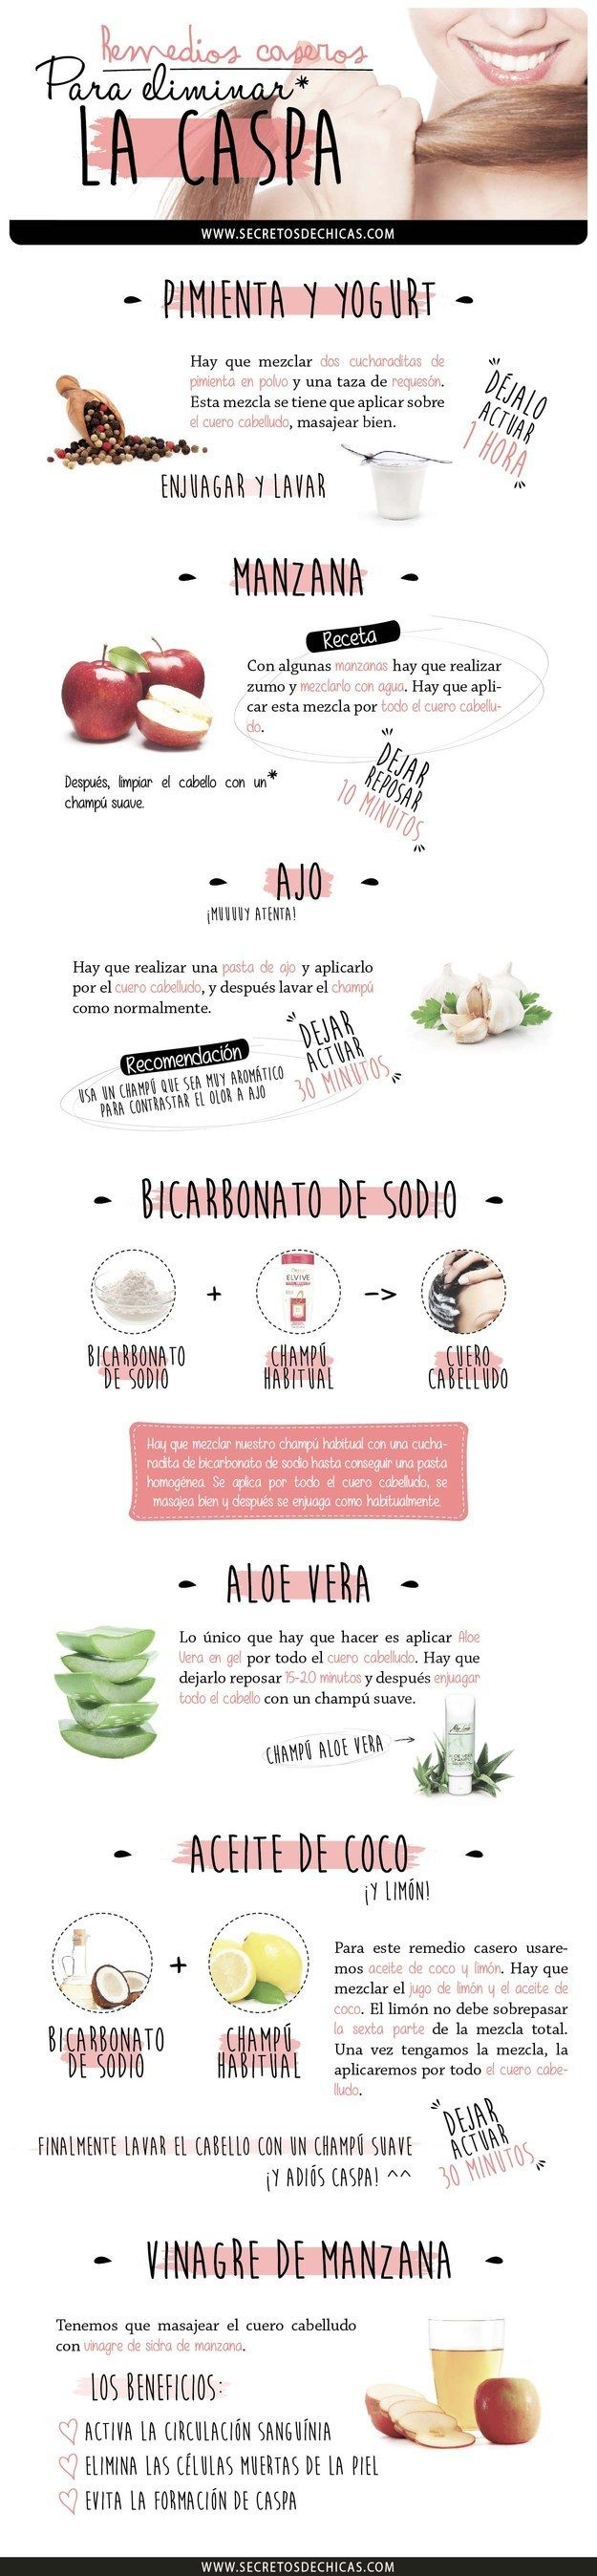 Remedios caseros para eliminar la caspa